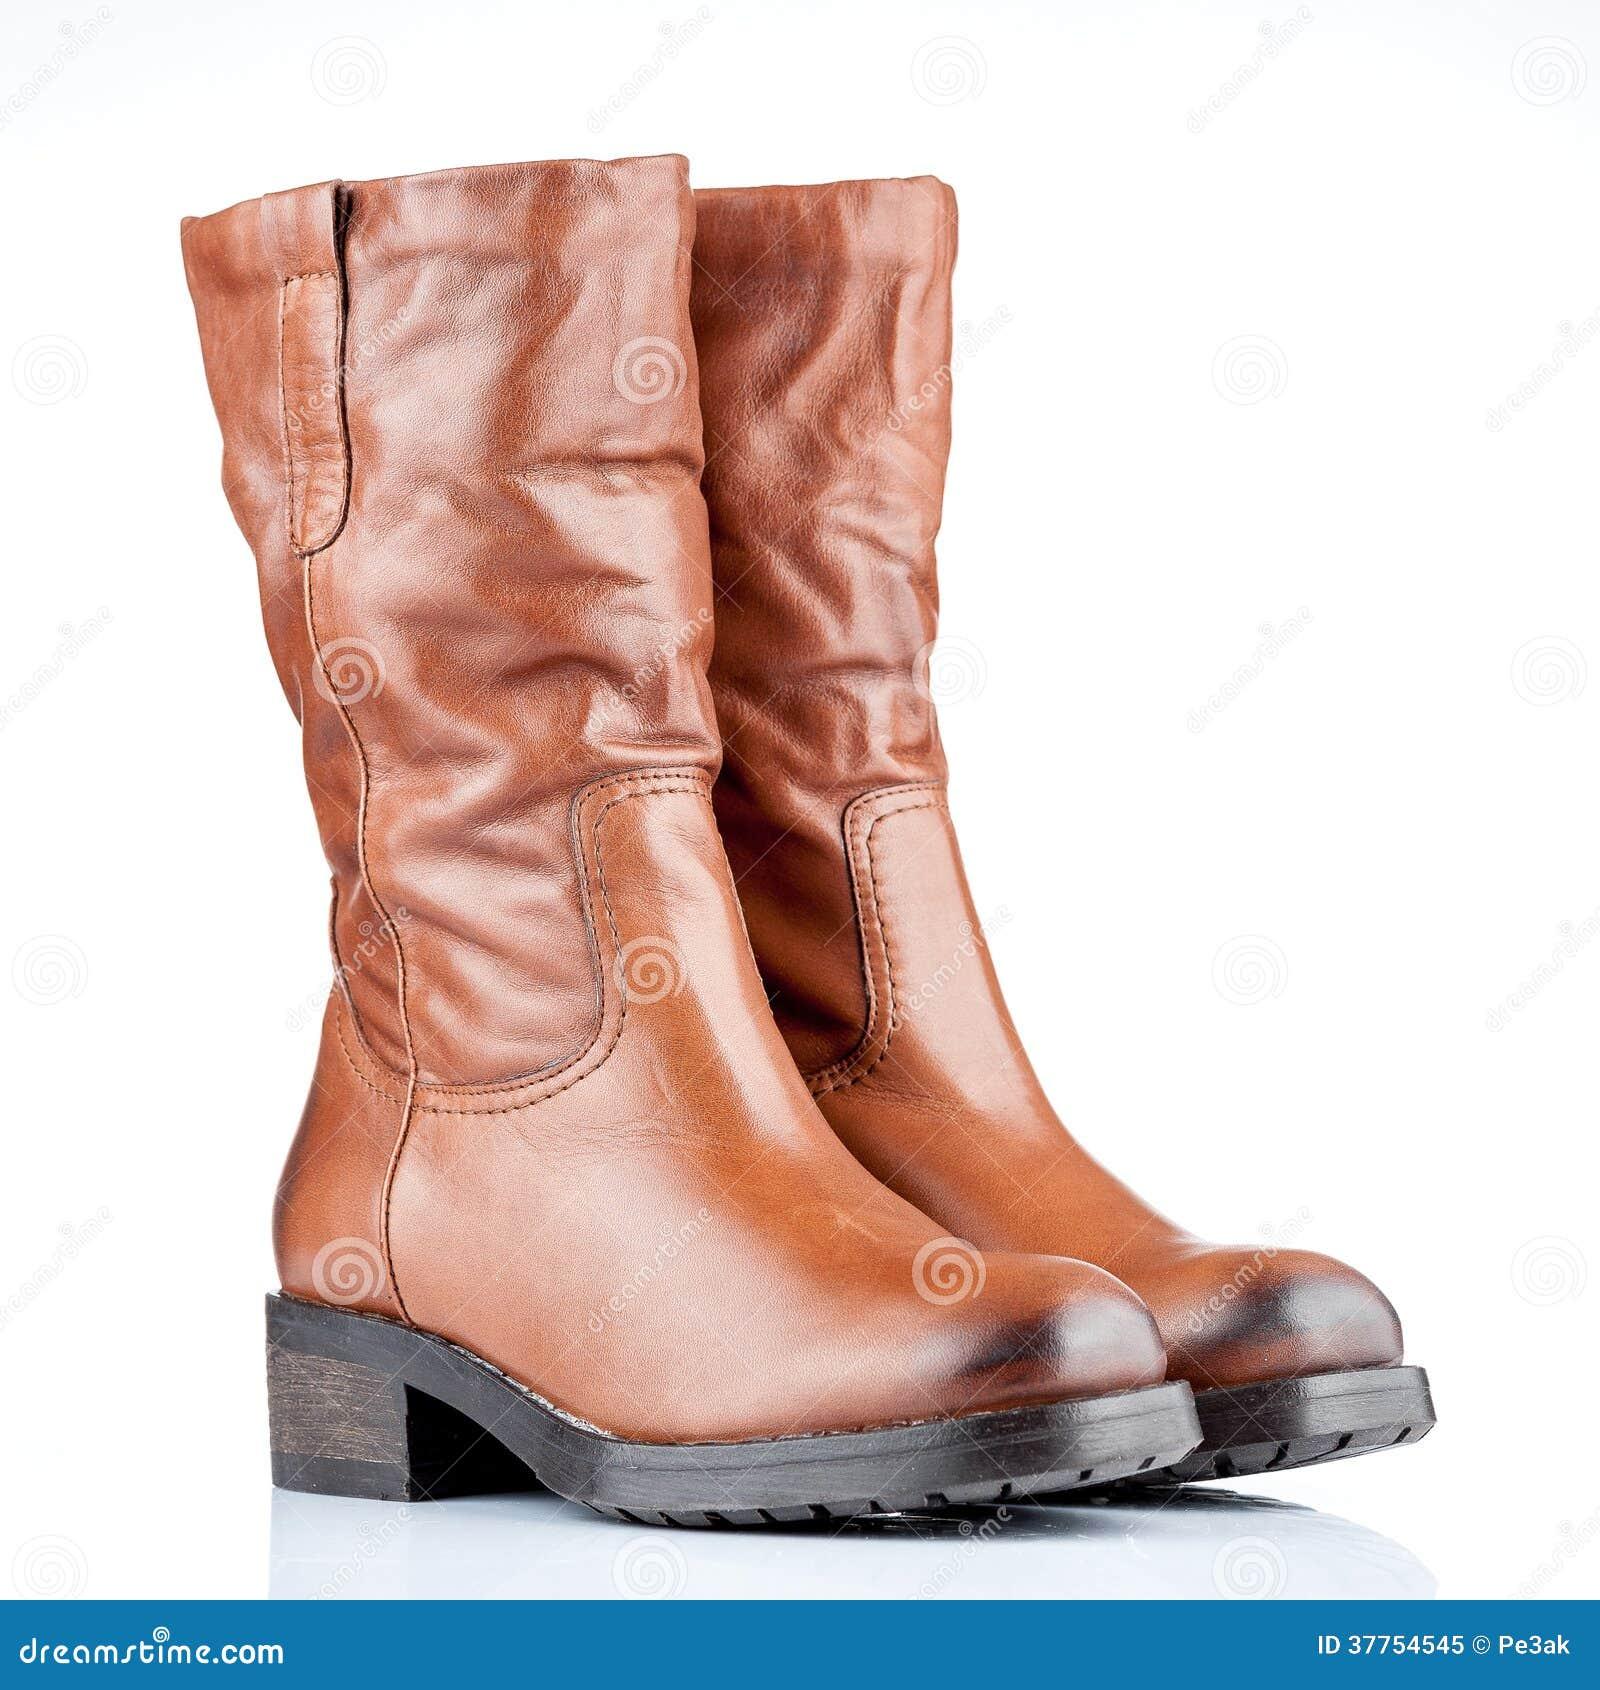 forma elegante nueva apariencia mas bajo precio Pares de botas femeninas imagen de archivo. Imagen de blanco ...